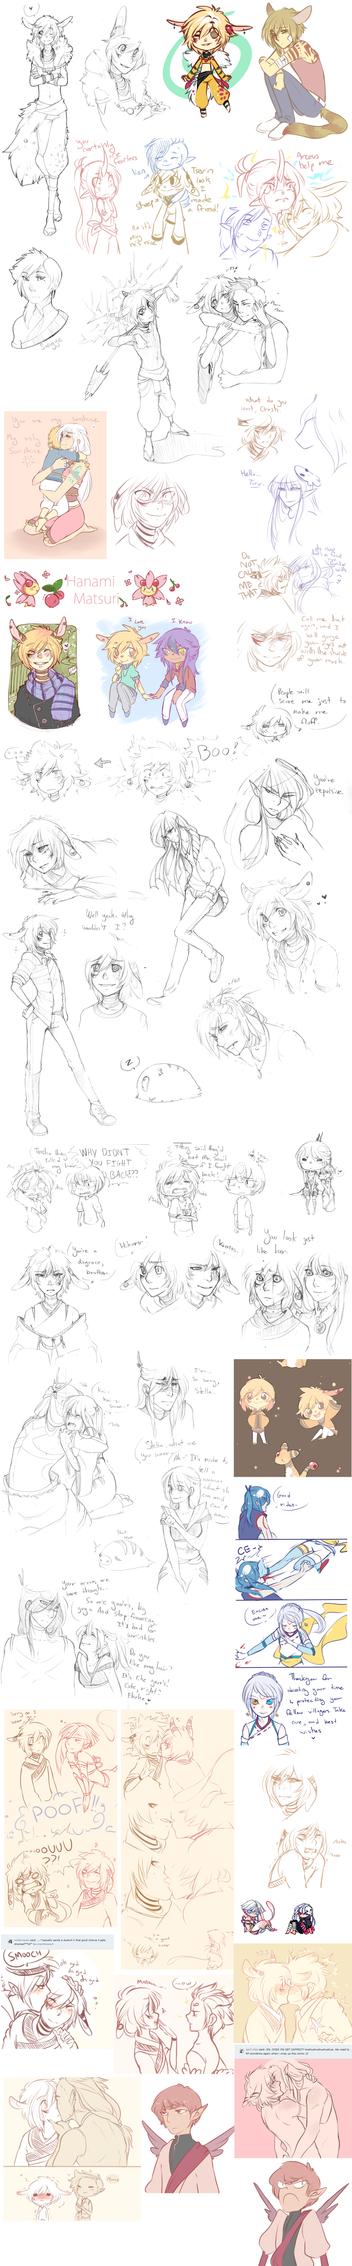 Pokimono Sketch dump 4 by loverofscythe